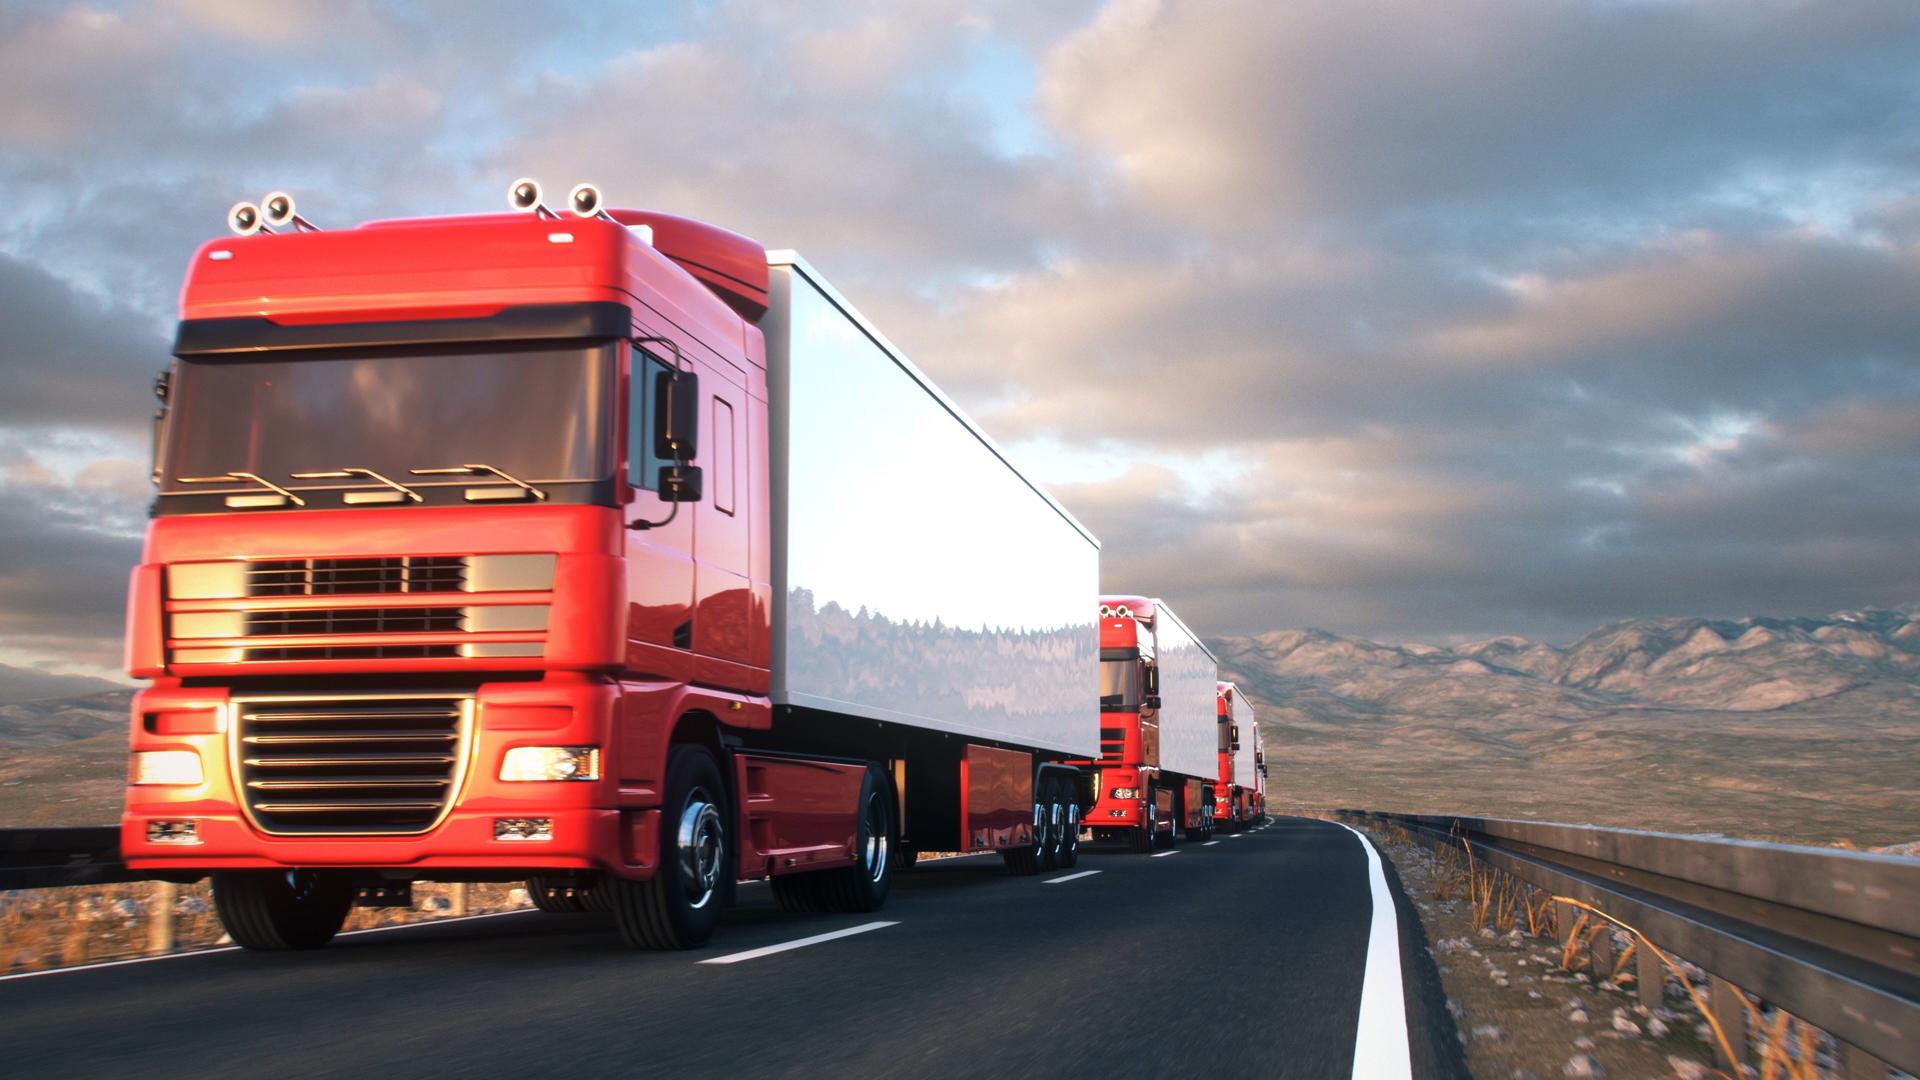 Adesivi per industria dei trasporti